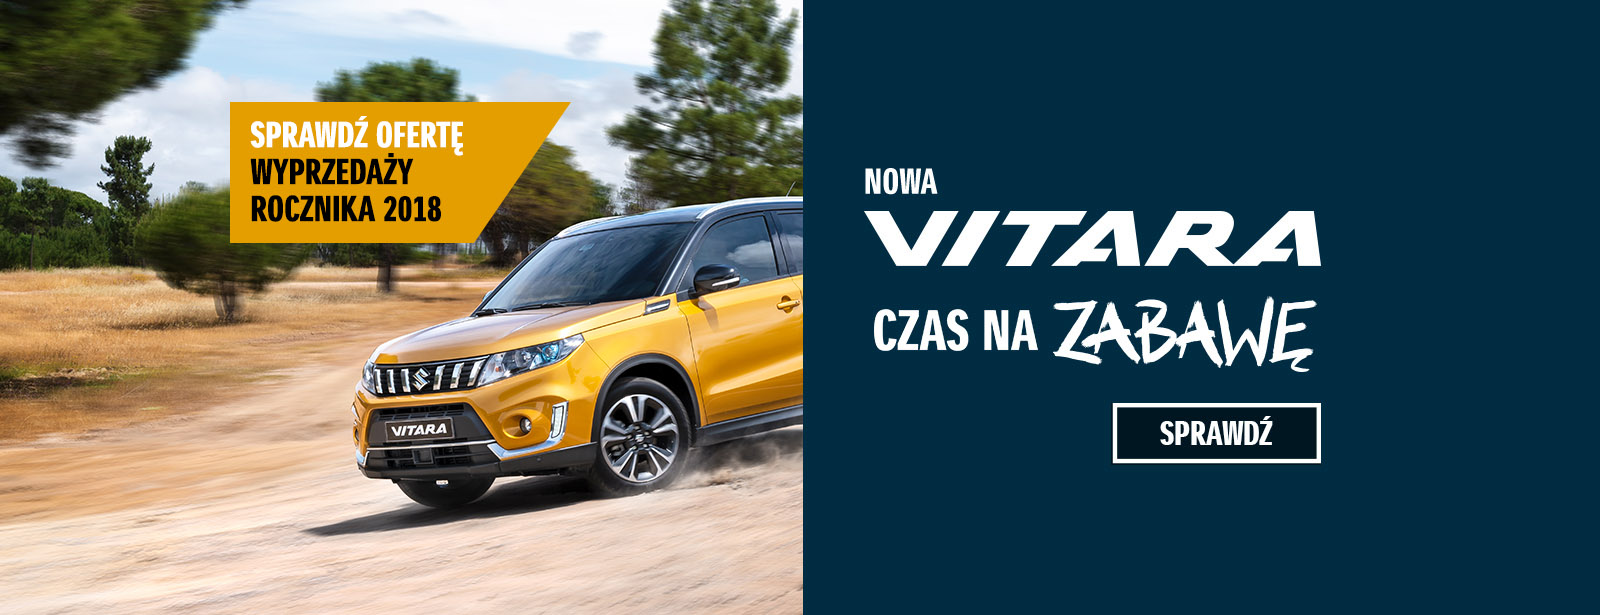 Samochody SUZUKI z rocznika 2018 w atrakcyjnych cenach 4